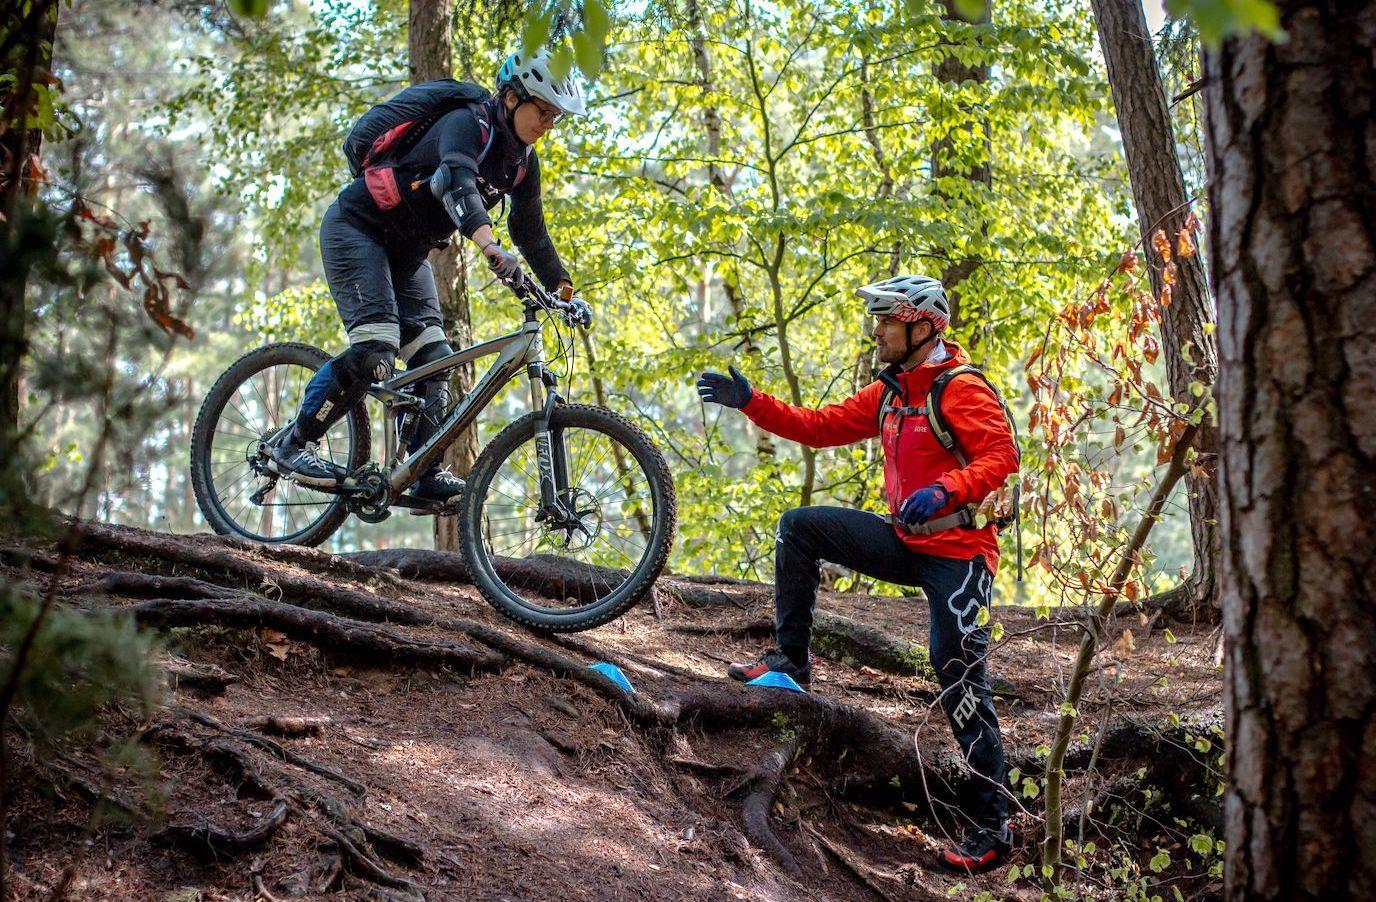 Mountainbike eBike MTB Fahrtechnik Kurse in Esslingen - Stuttgart - Training Rock my Trail Bikeschule